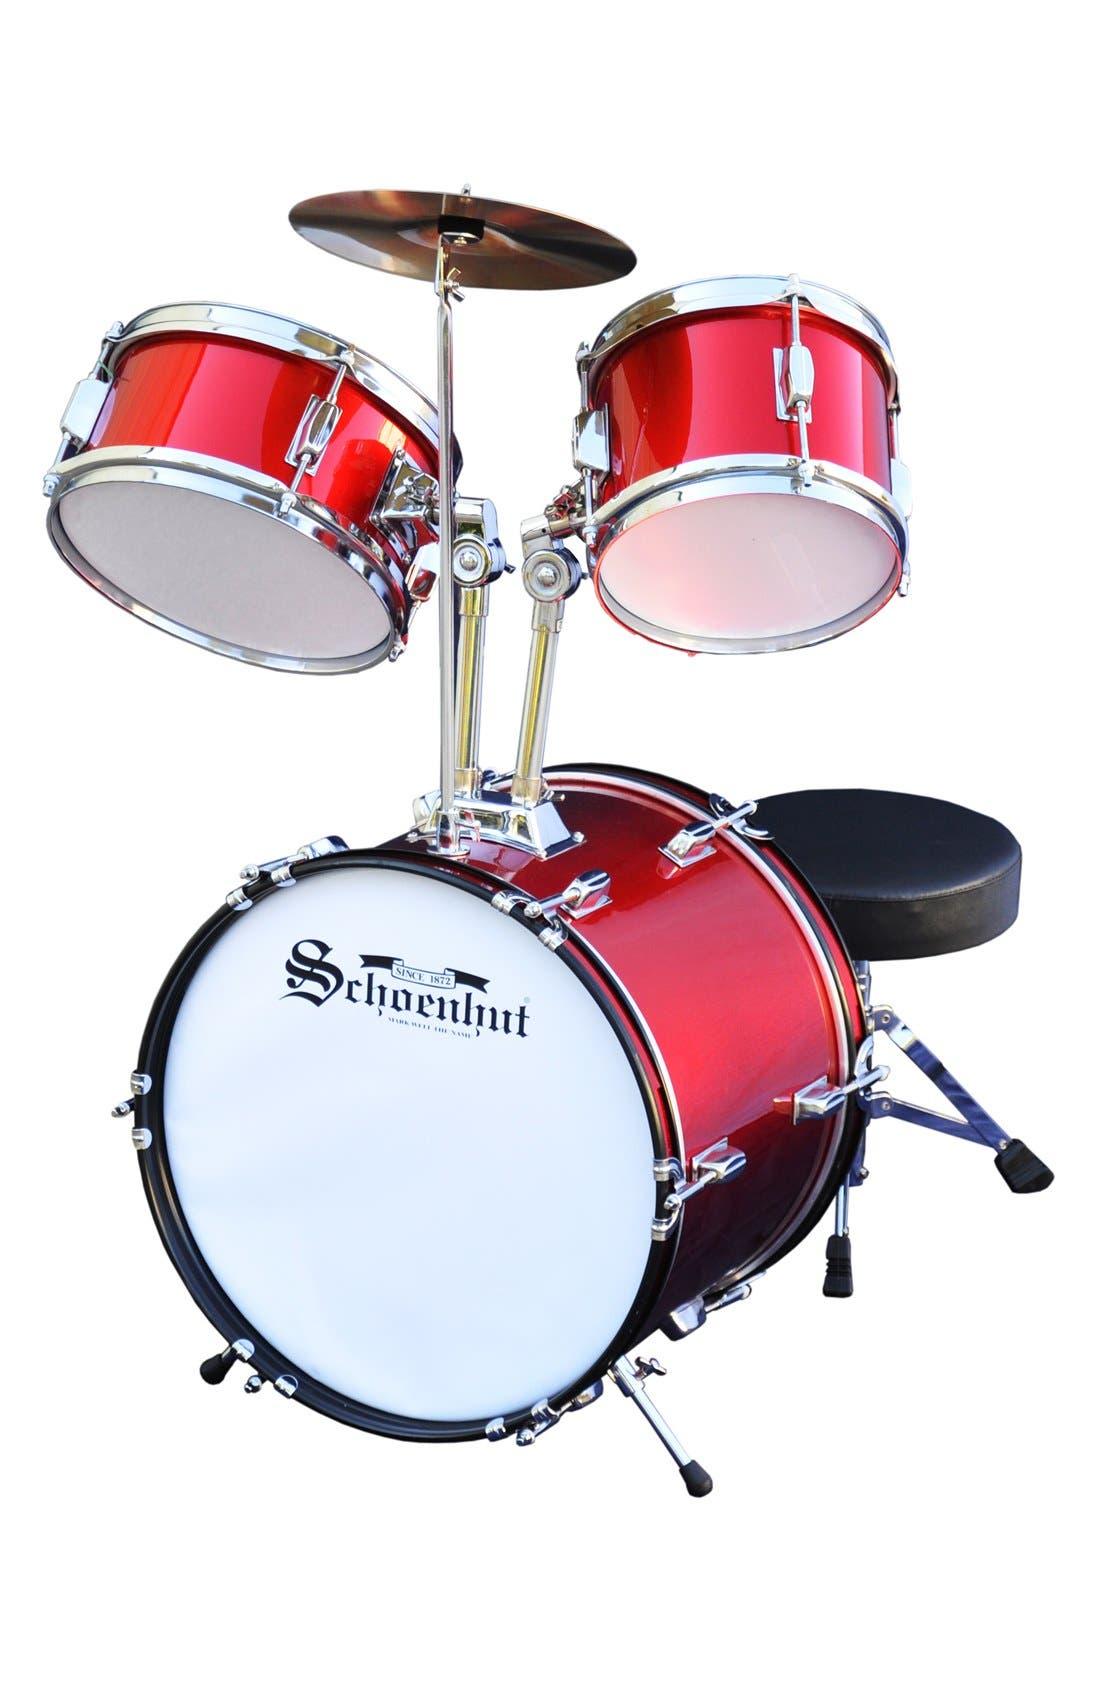 SCHOENHUT 5-Piece Drum Set